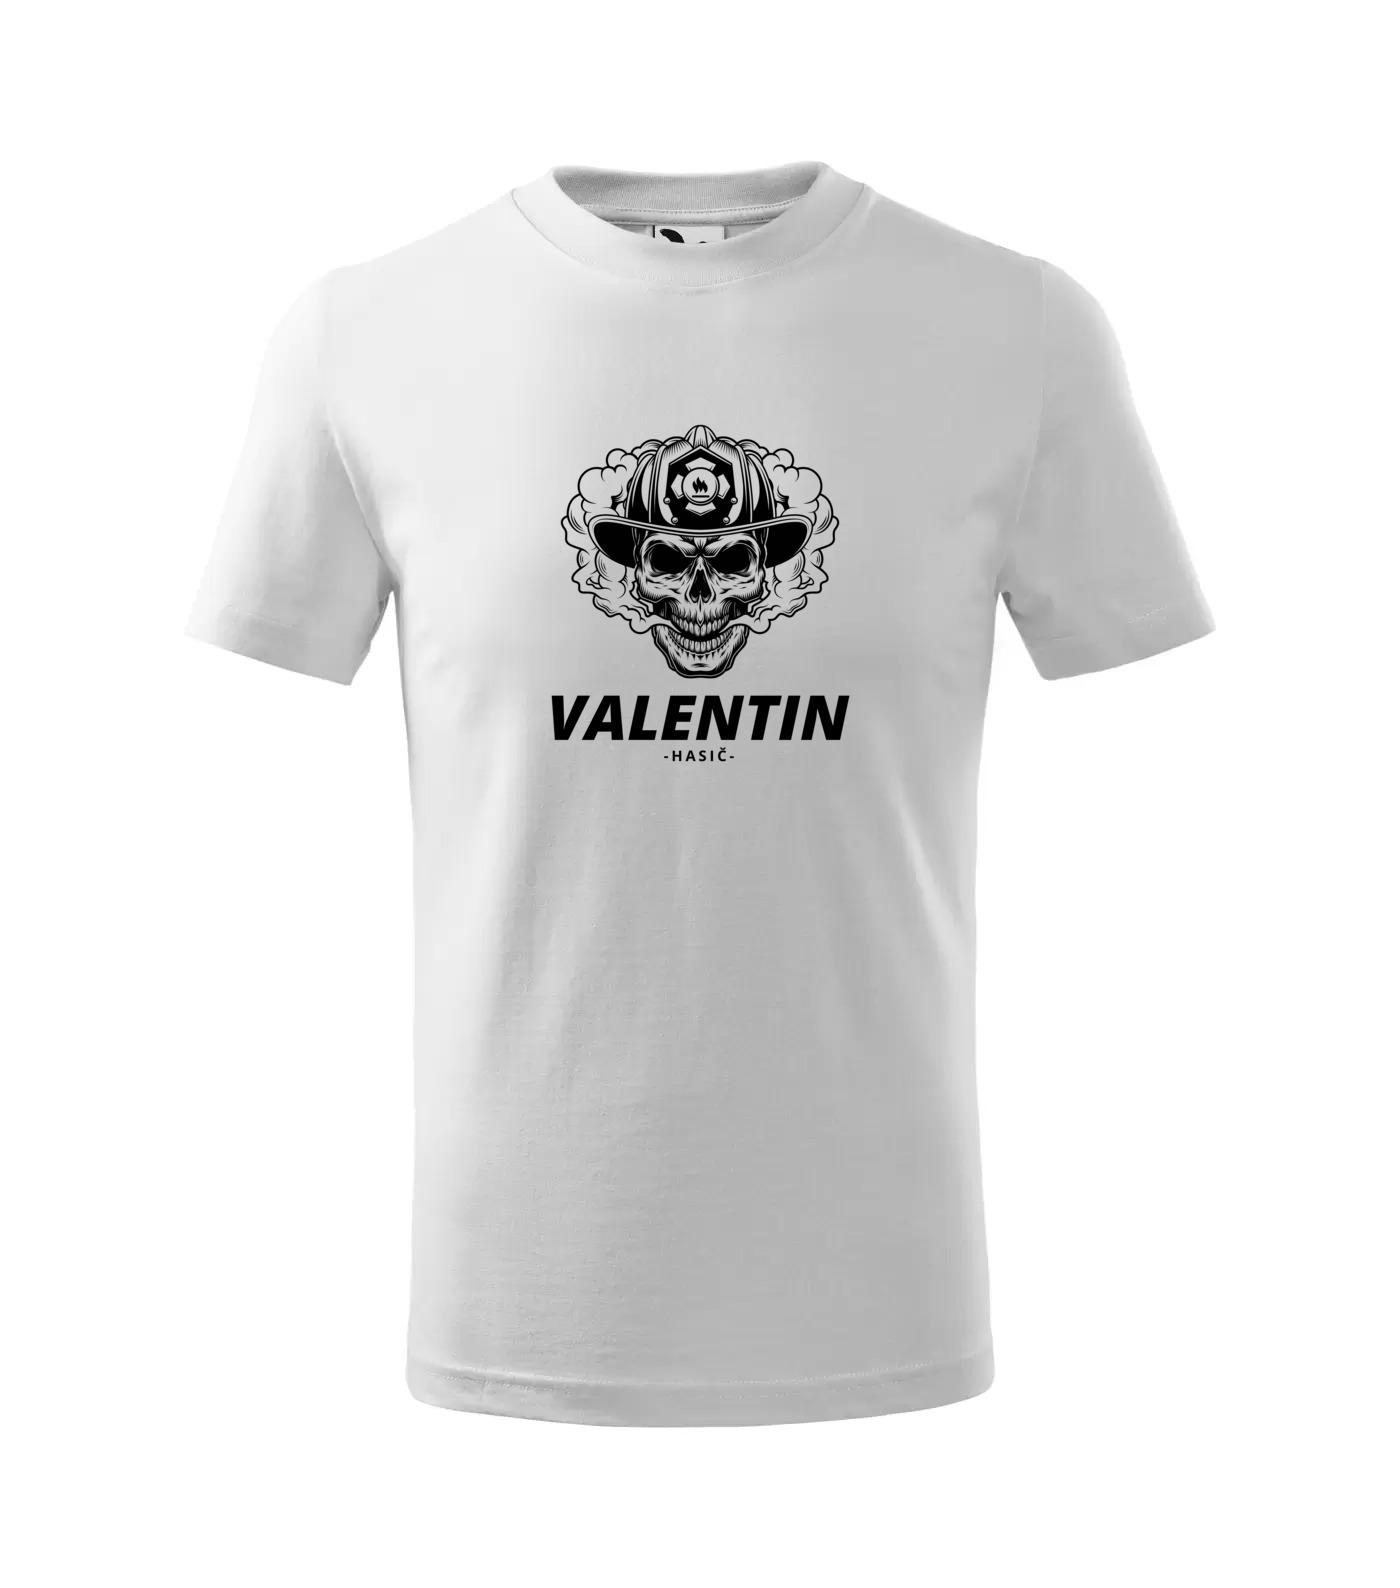 Tričko Hasič Valentin